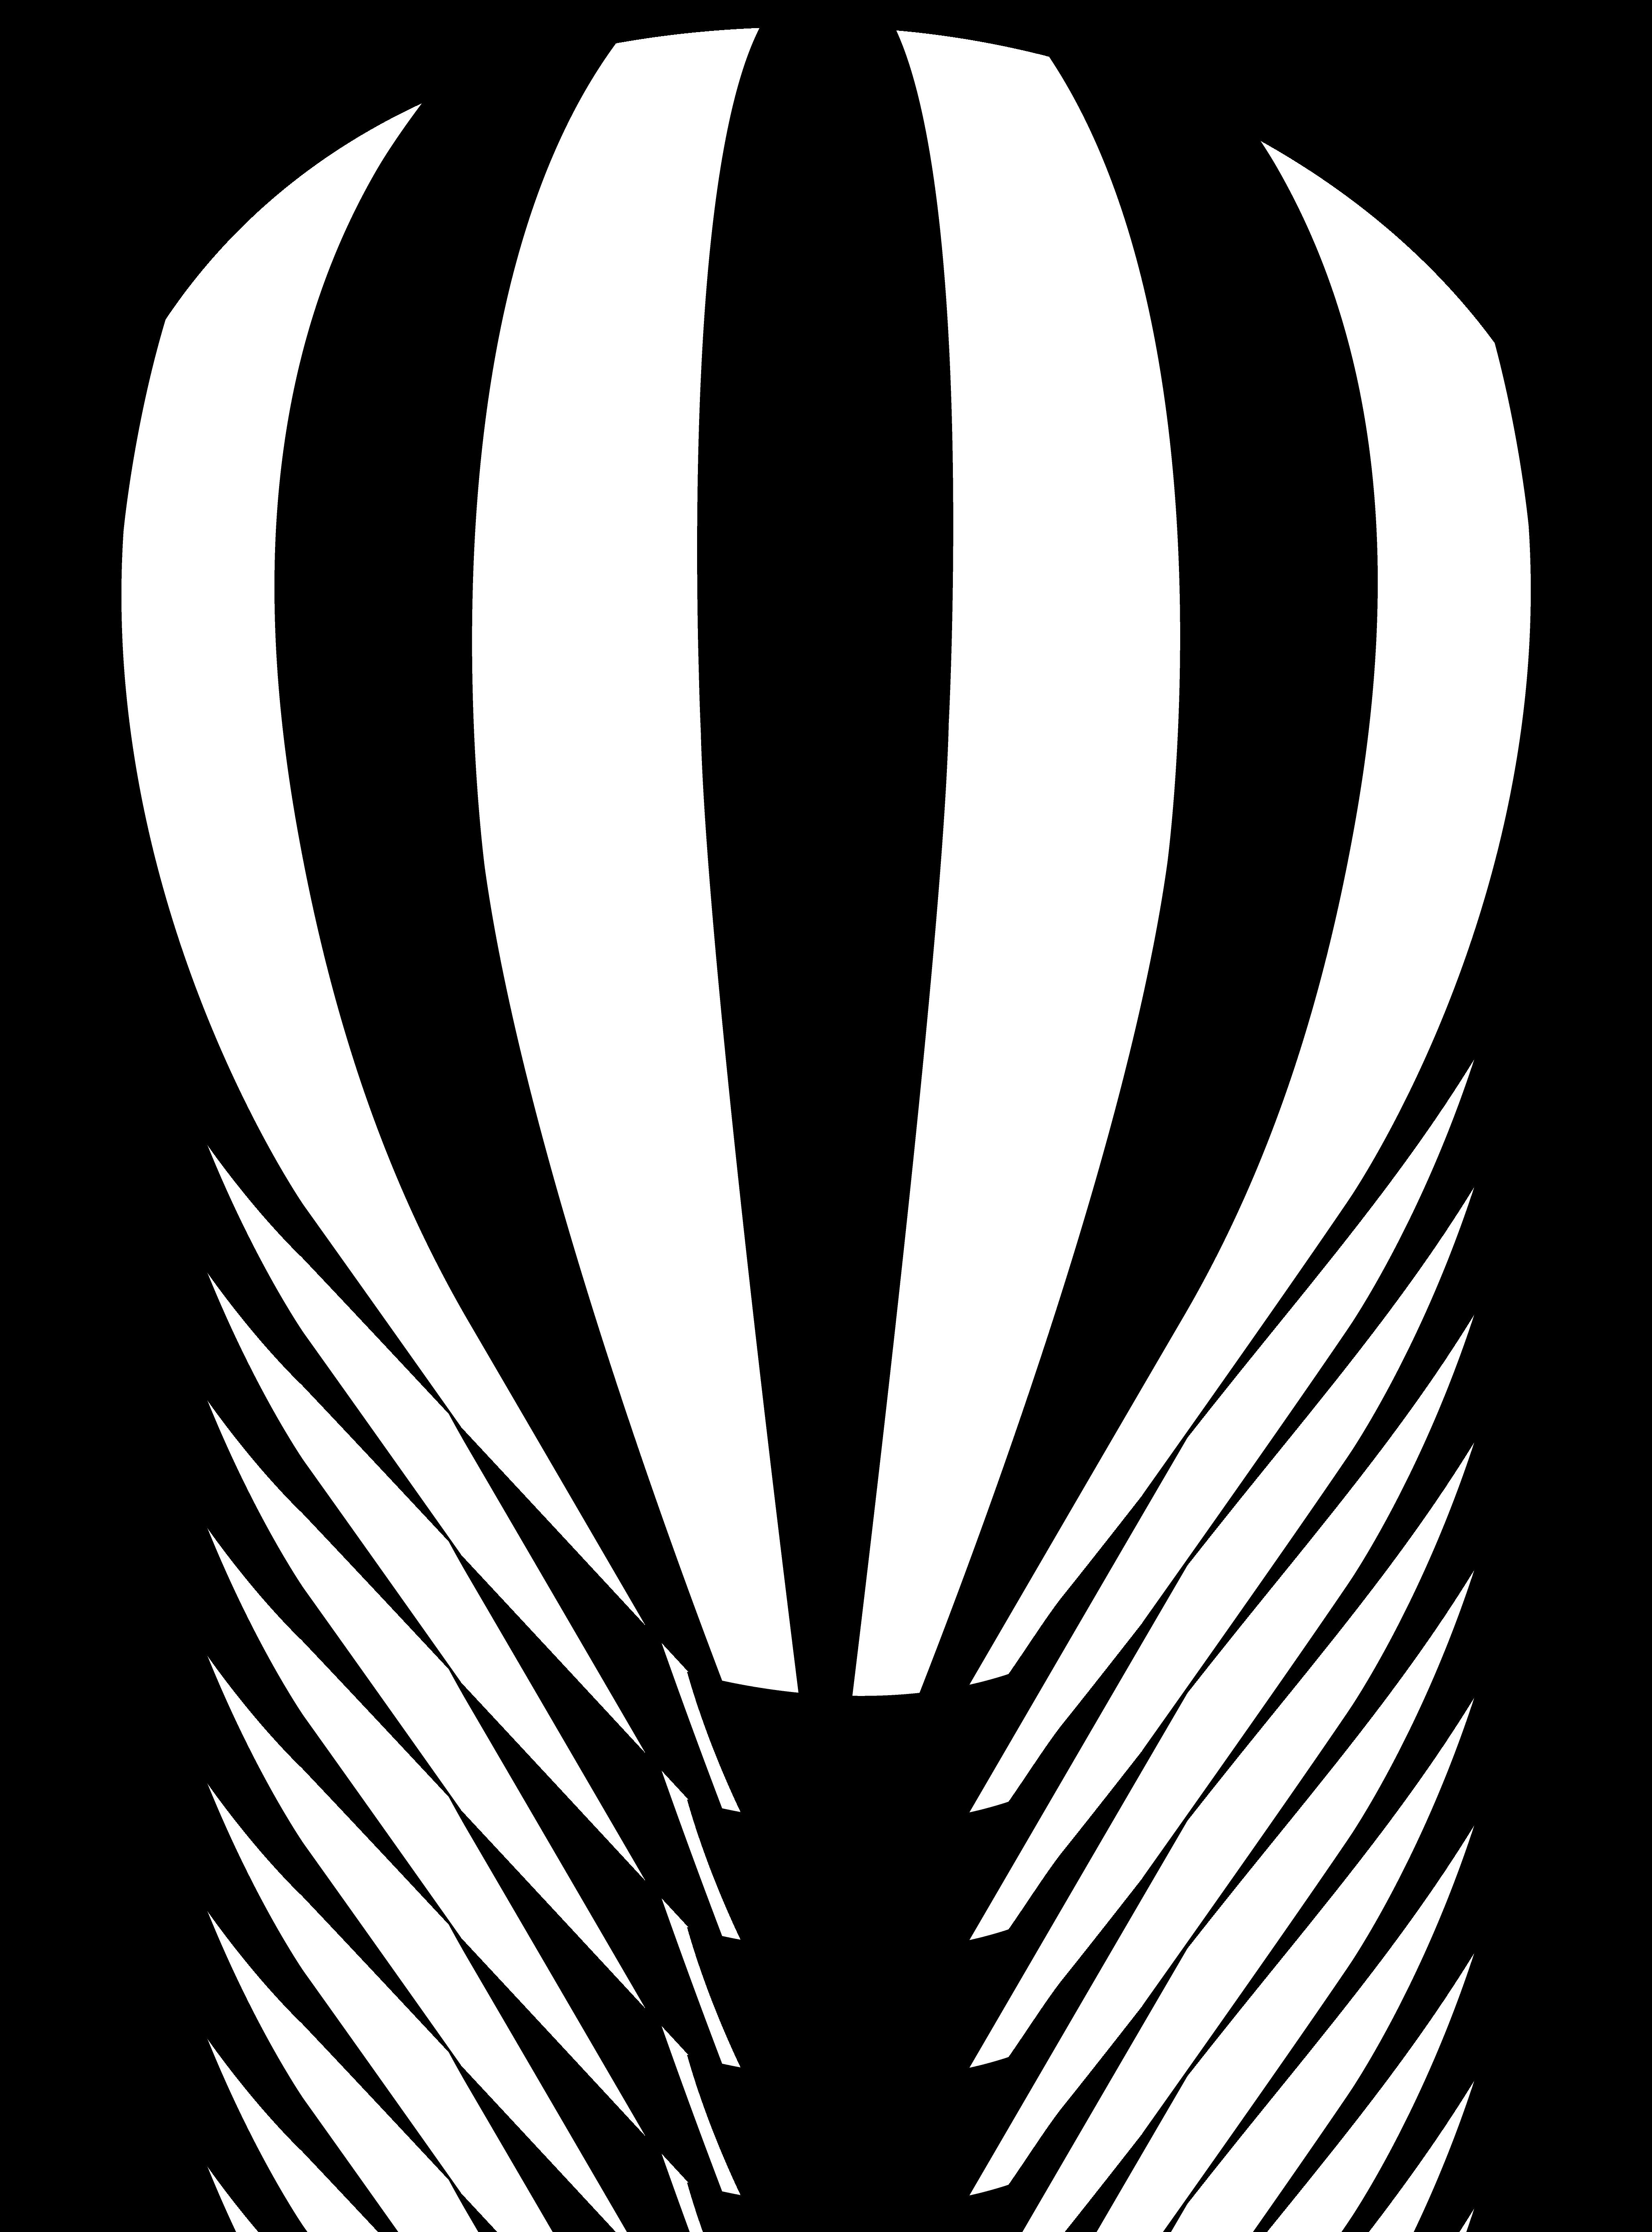 Lavender clipart hot air balloon. Black and white panda